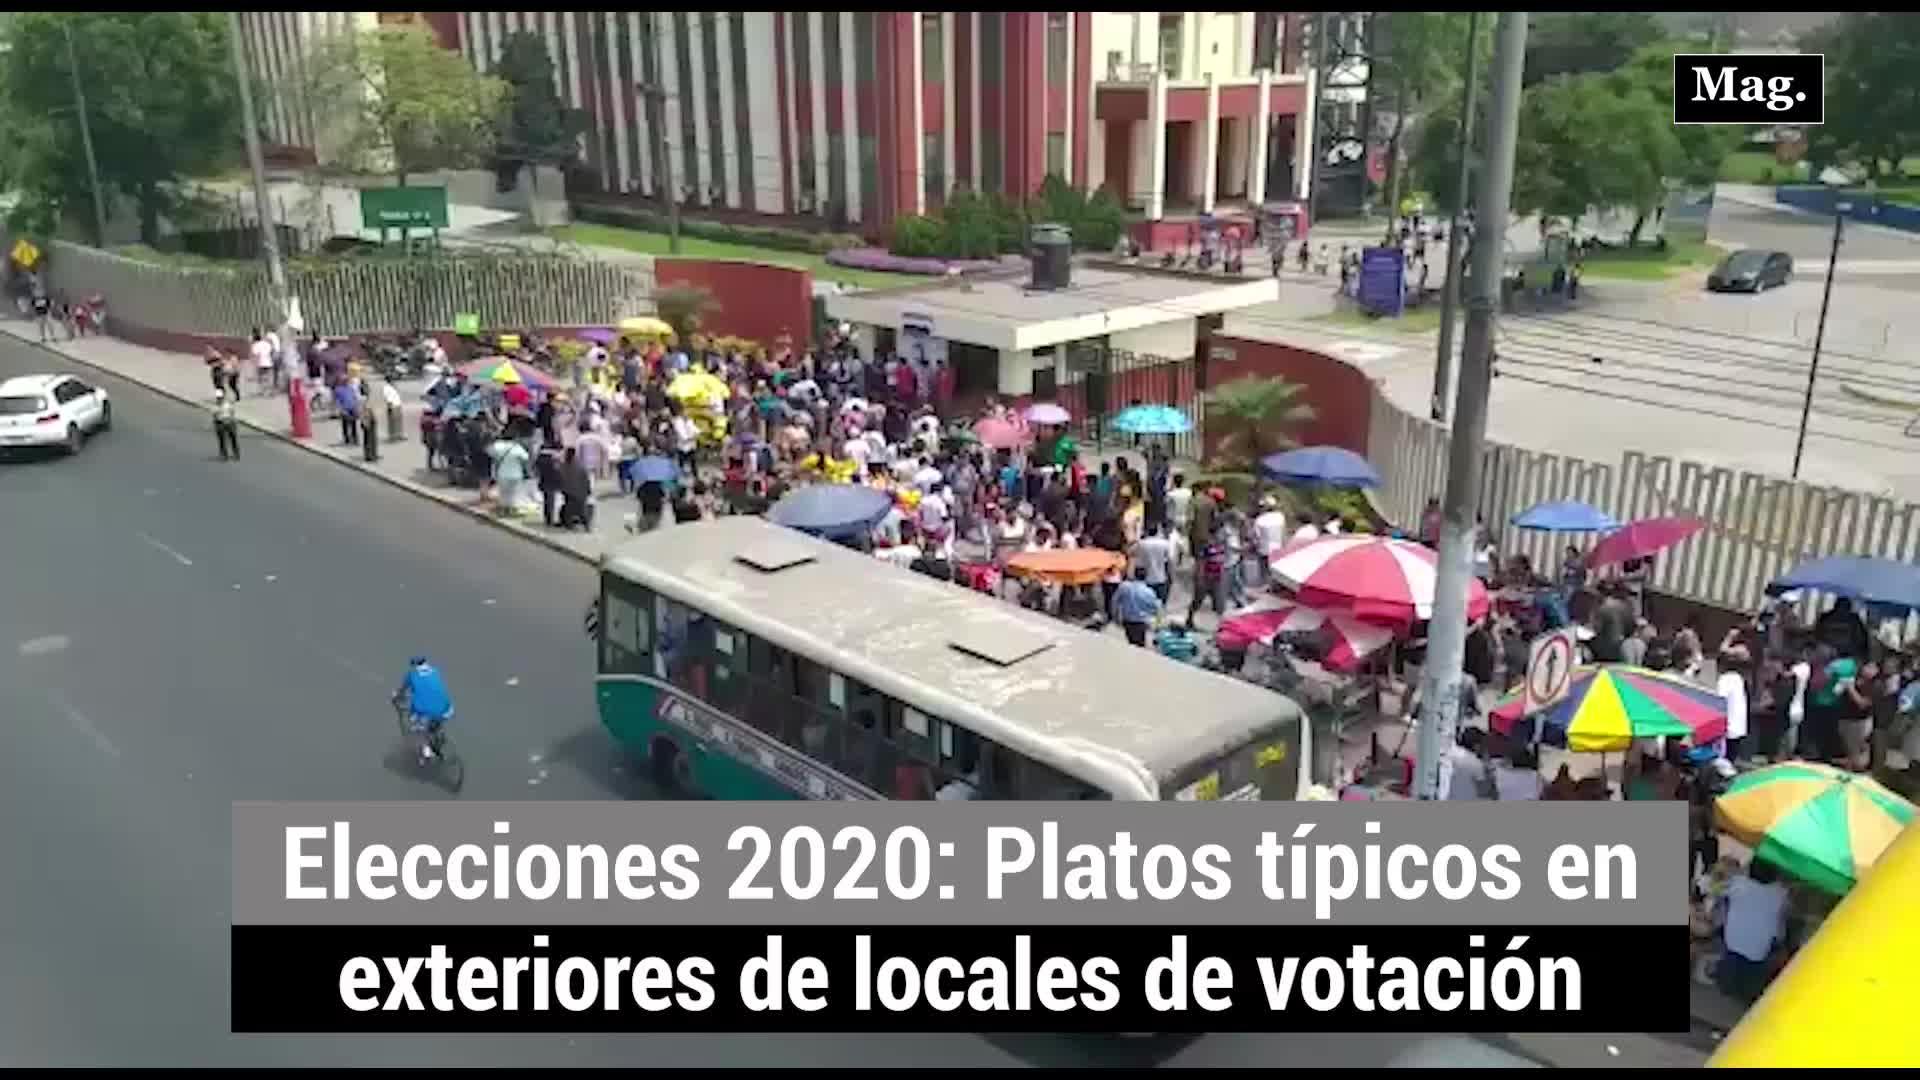 Elecciones 2020: Platos típicos en exteriores de locales de votación